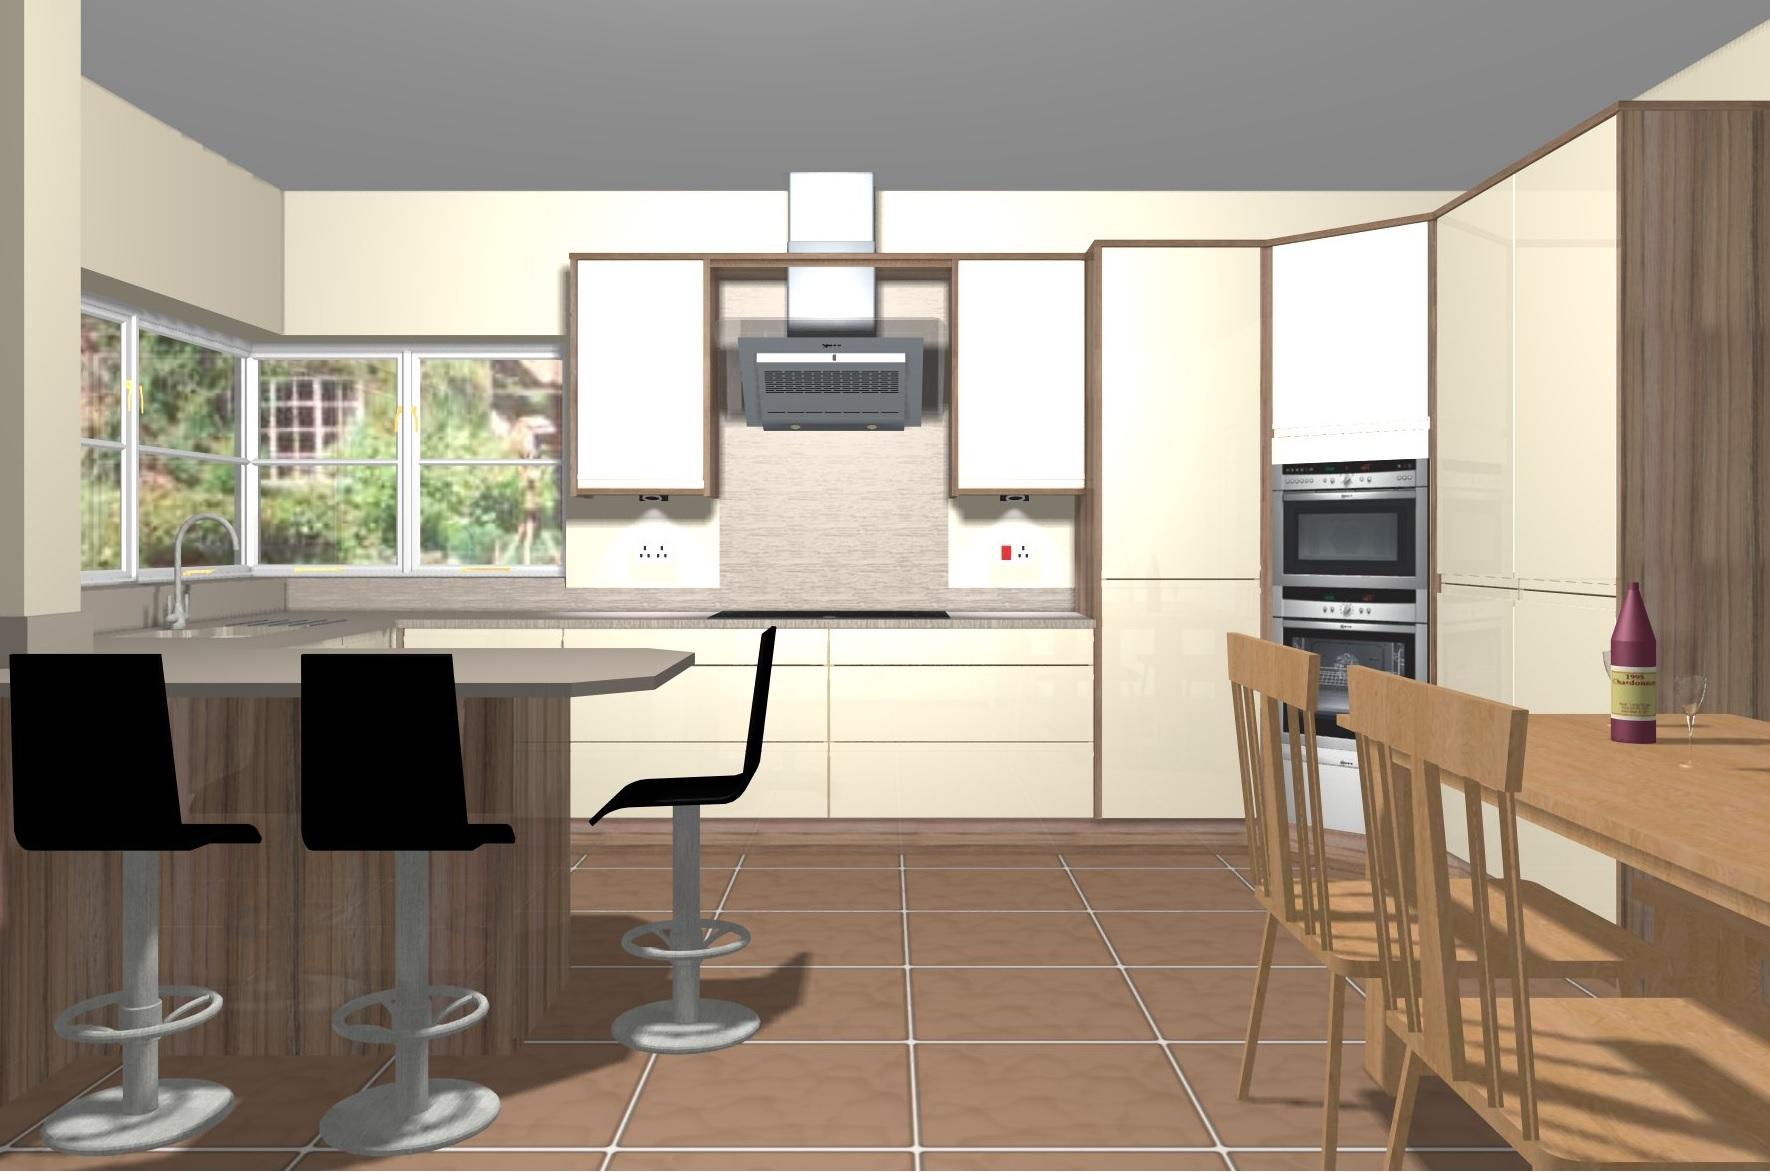 28 Bathroom U0026 Kitchen Design Software 10 Free Kitchen Design Software Free Kitchen